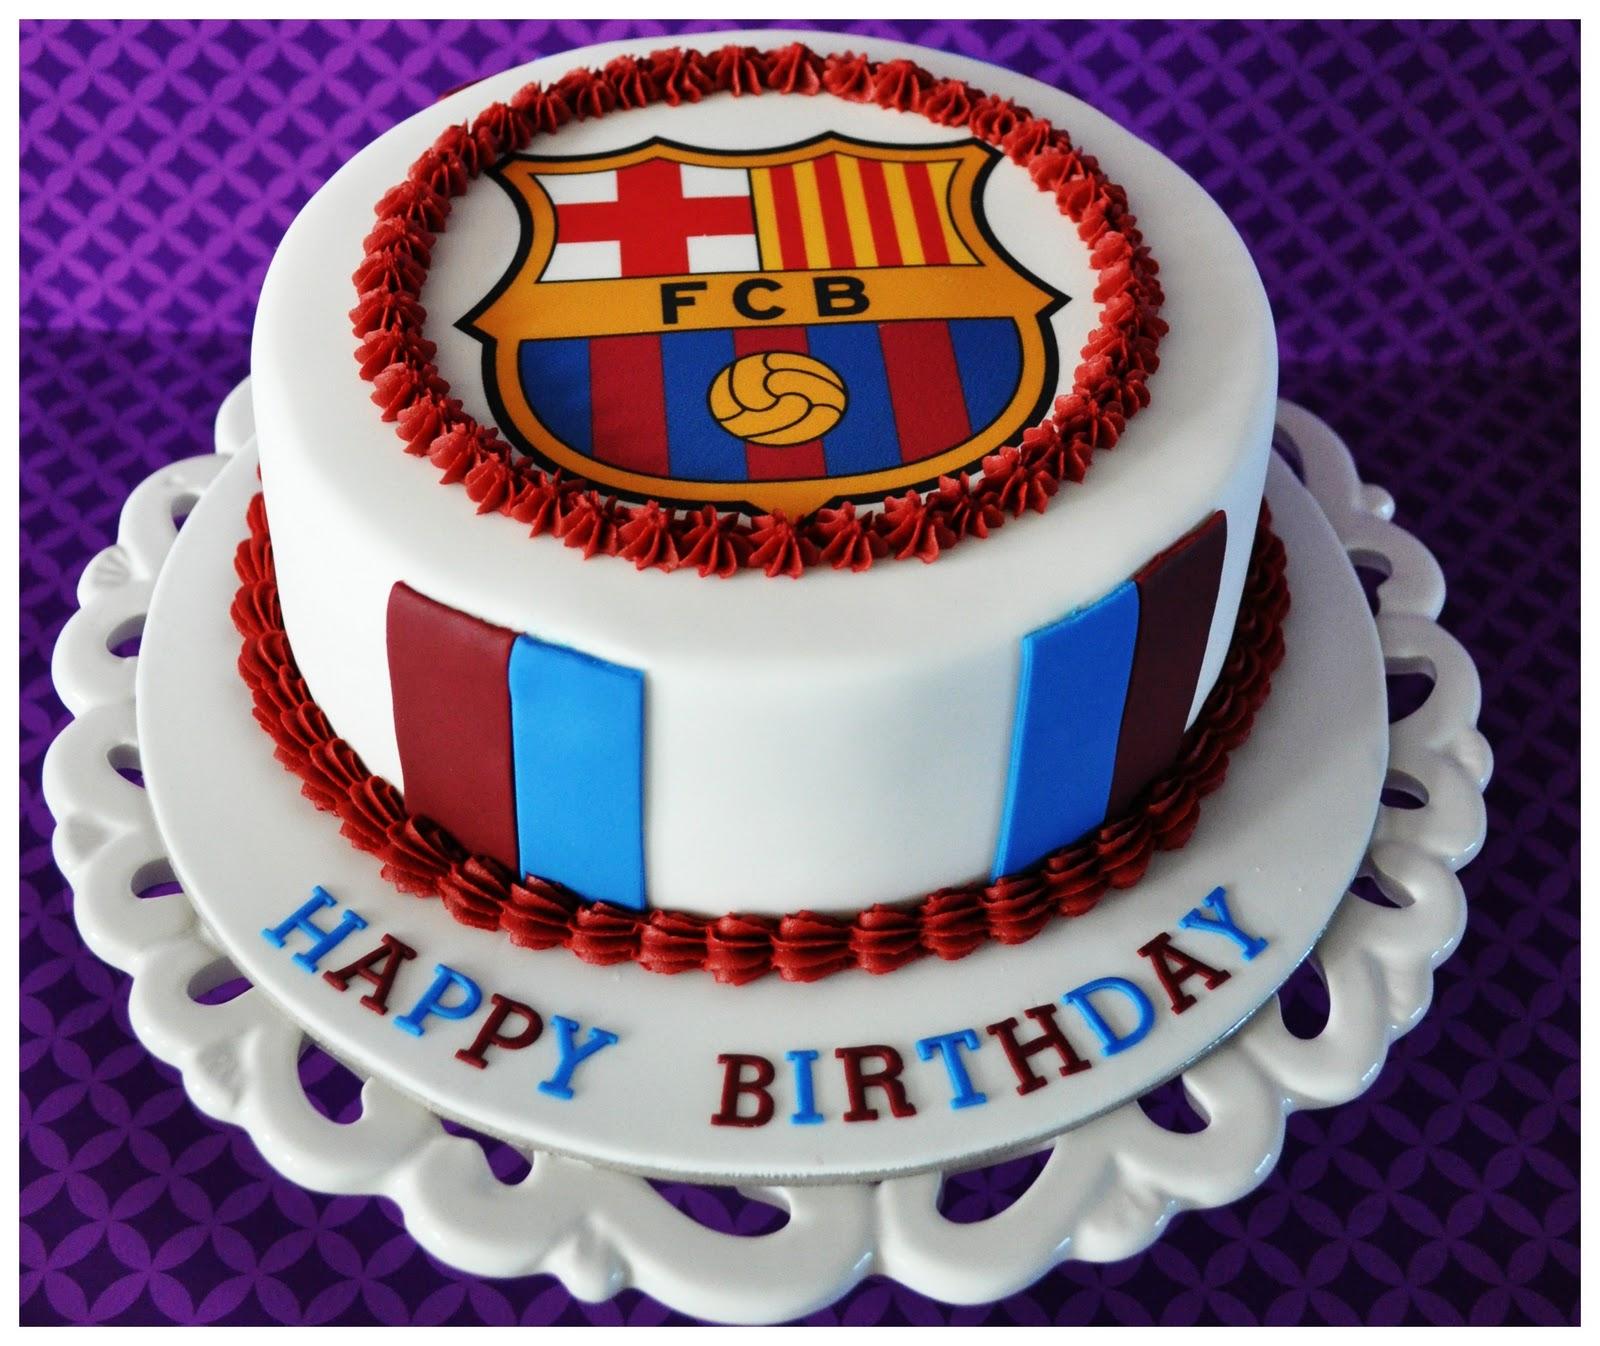 Fcb Football Team Logo Cakes Cupcakes Mumbai 11 Cakes And Cupcakes Mumbai